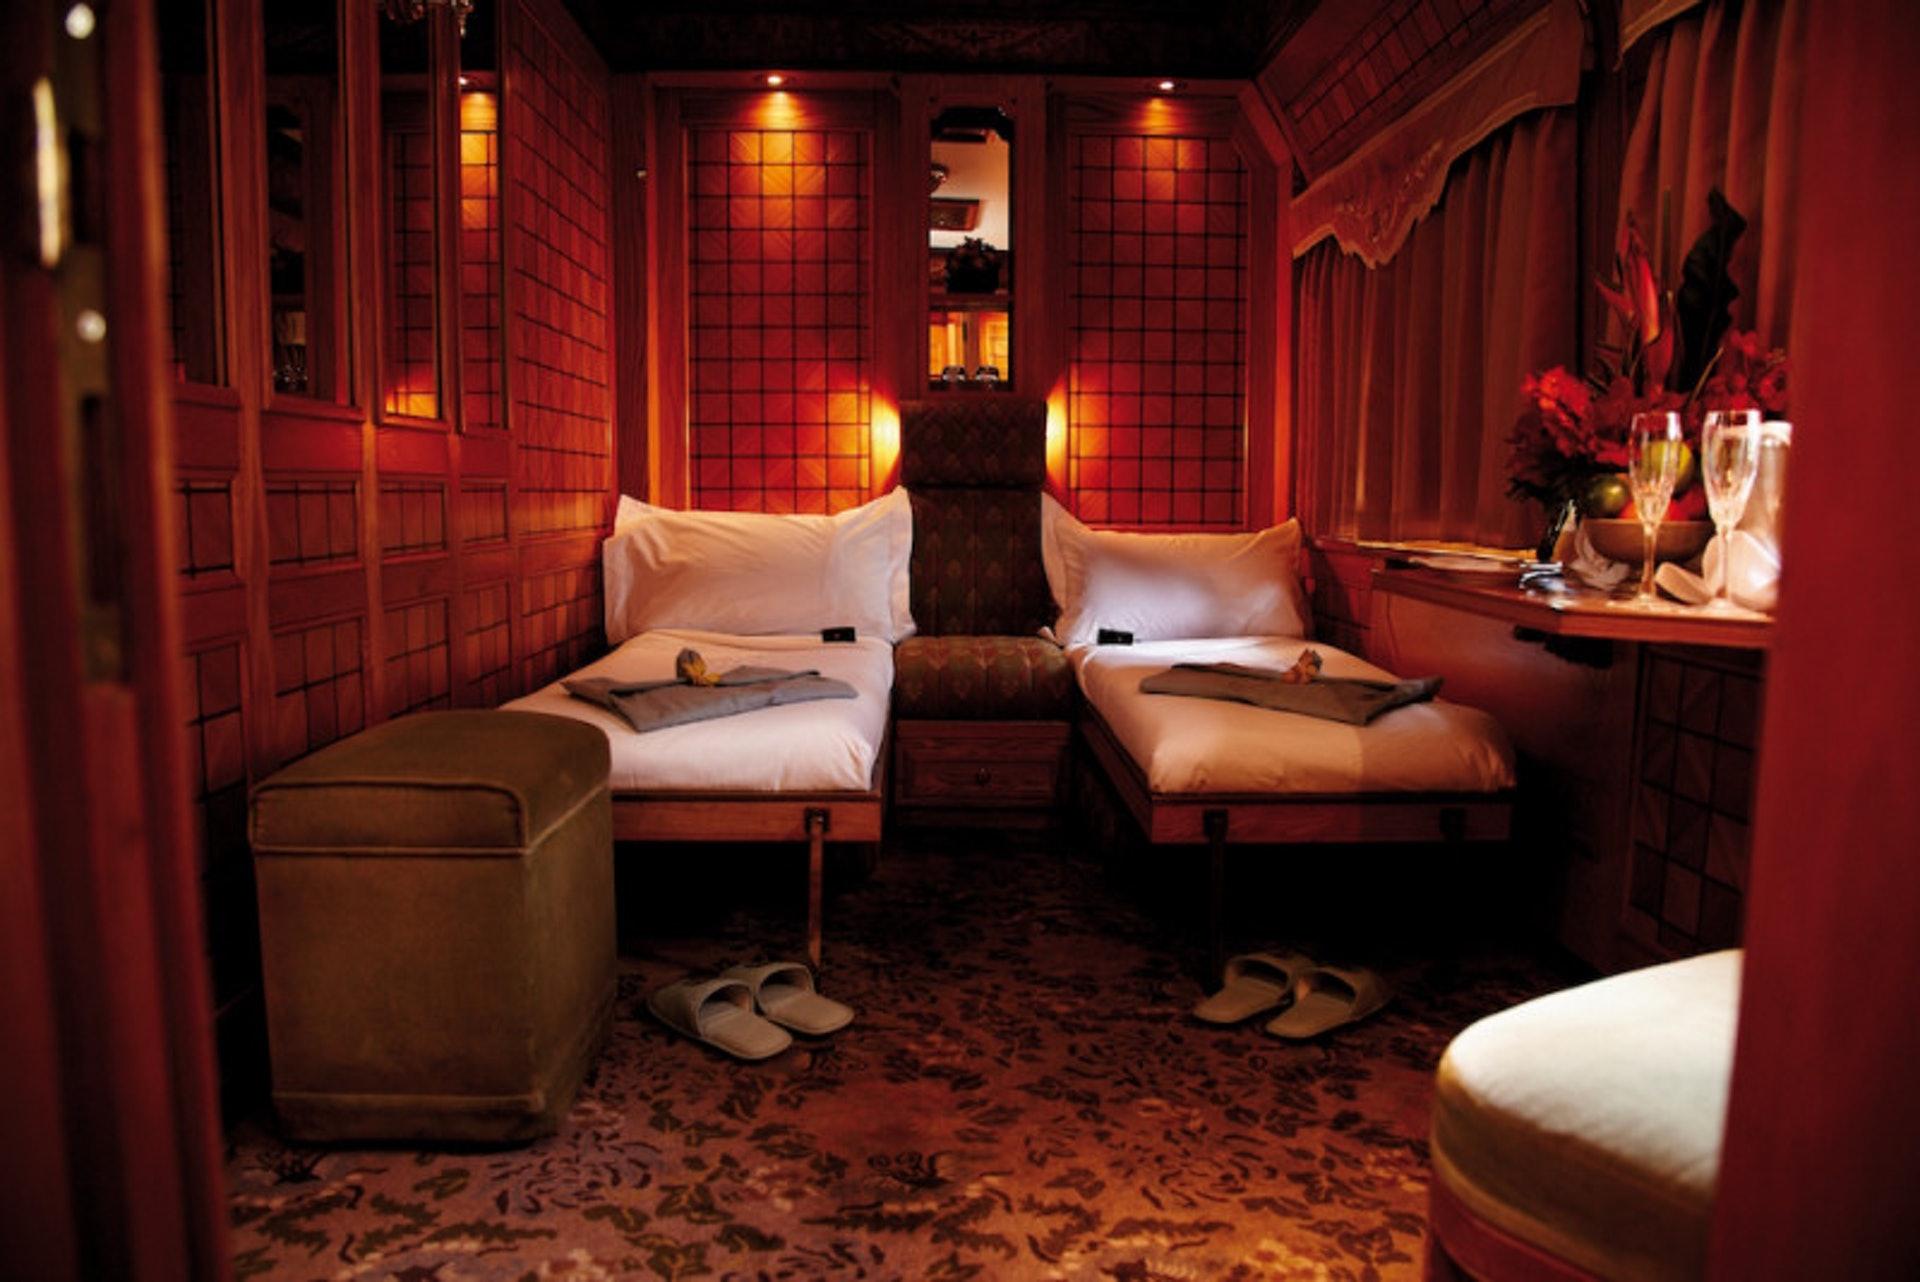 客房共分為標準艙房、豪華艙房、總統套房三等,皆能提供2位賓客入住,最多僅服務120位貴賓。(世界高級品提供)